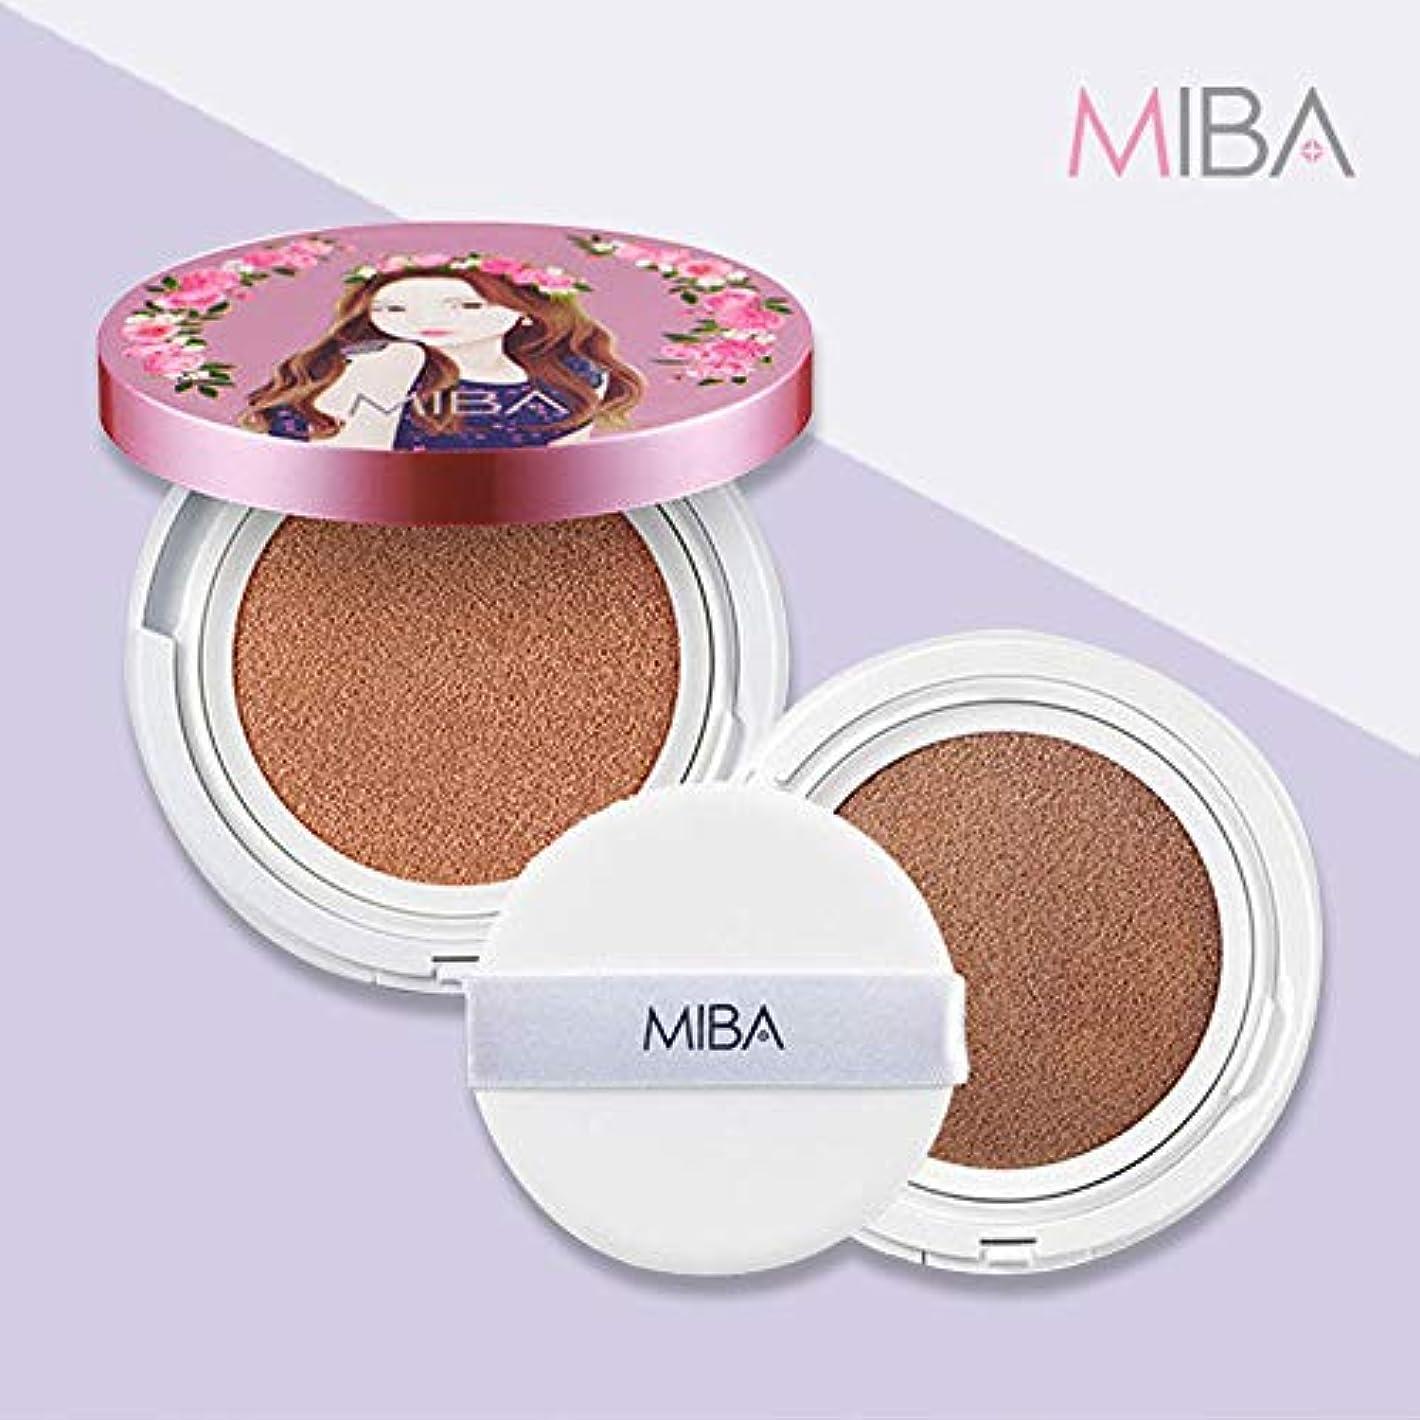 だらしないフリルトライアスロン【mineralbio】 MIBA ミバ イオンカルシウム ミネラルファンデーション ダブルクッション 本品+リフィル+パフ2枚 SPF50+/PA++++ 普通肌用 (Ion Calcium Foundation Double Cushion set 24g #23 Natural skin)